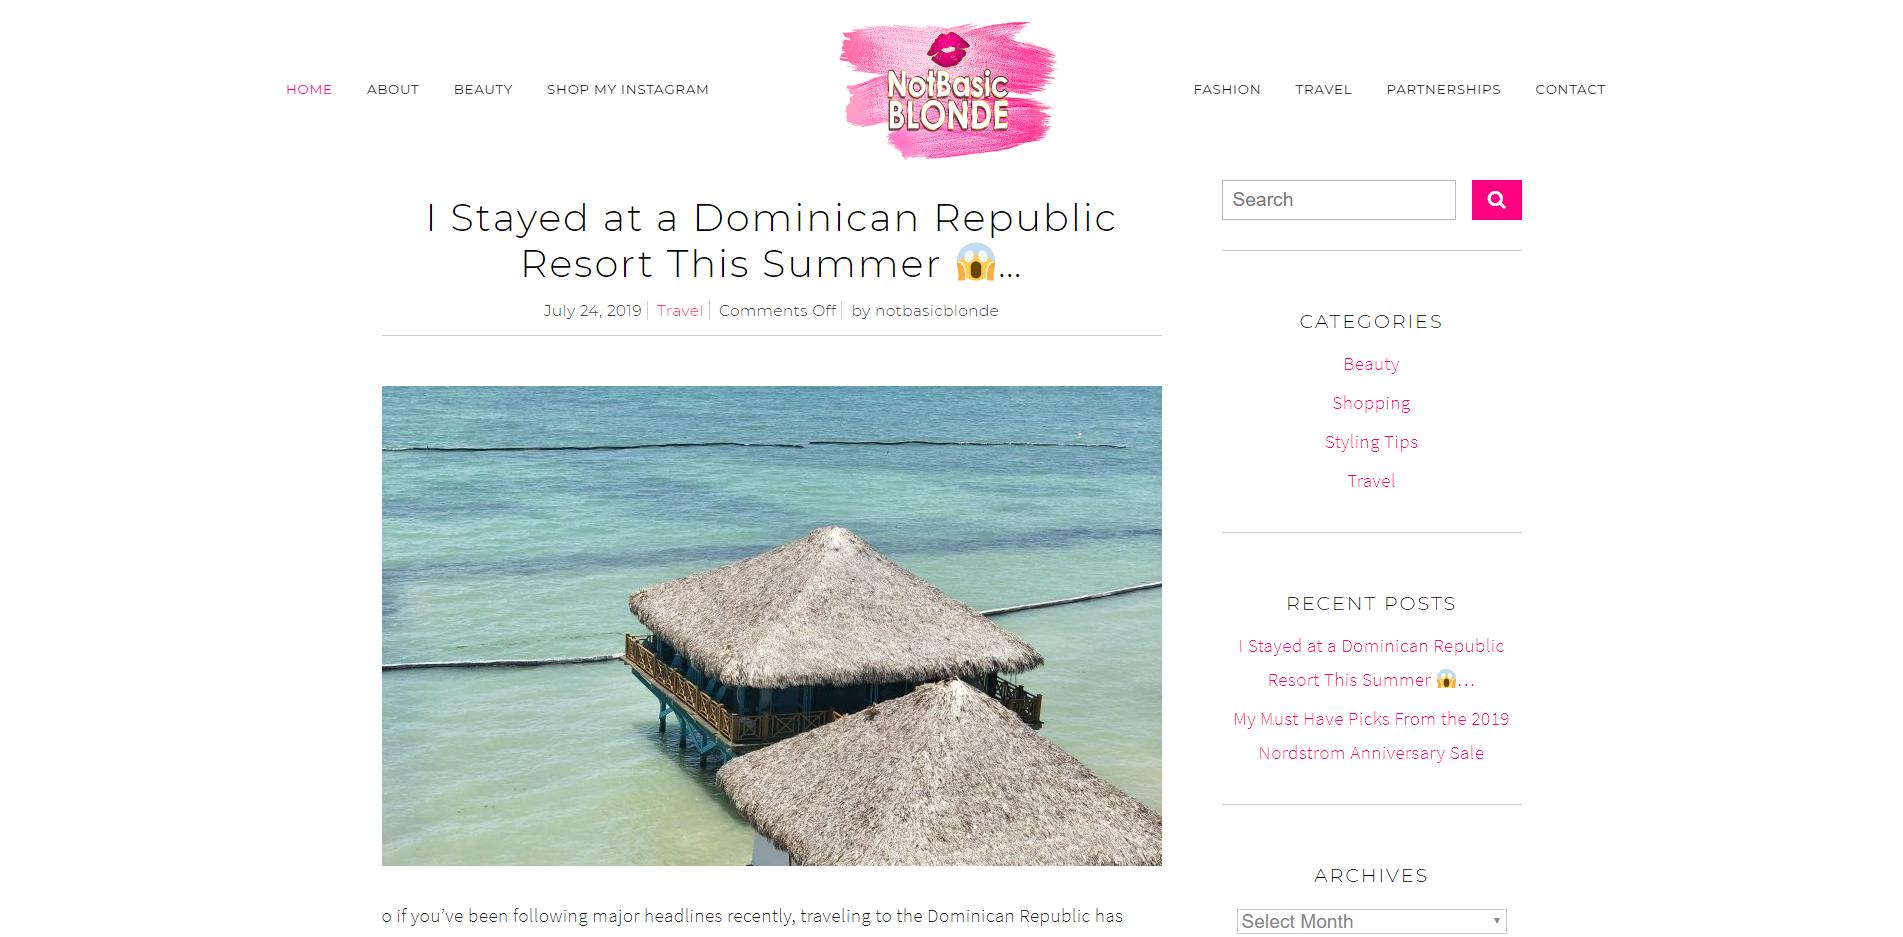 Not Basic Blonde Blog - WordPress Custom Website